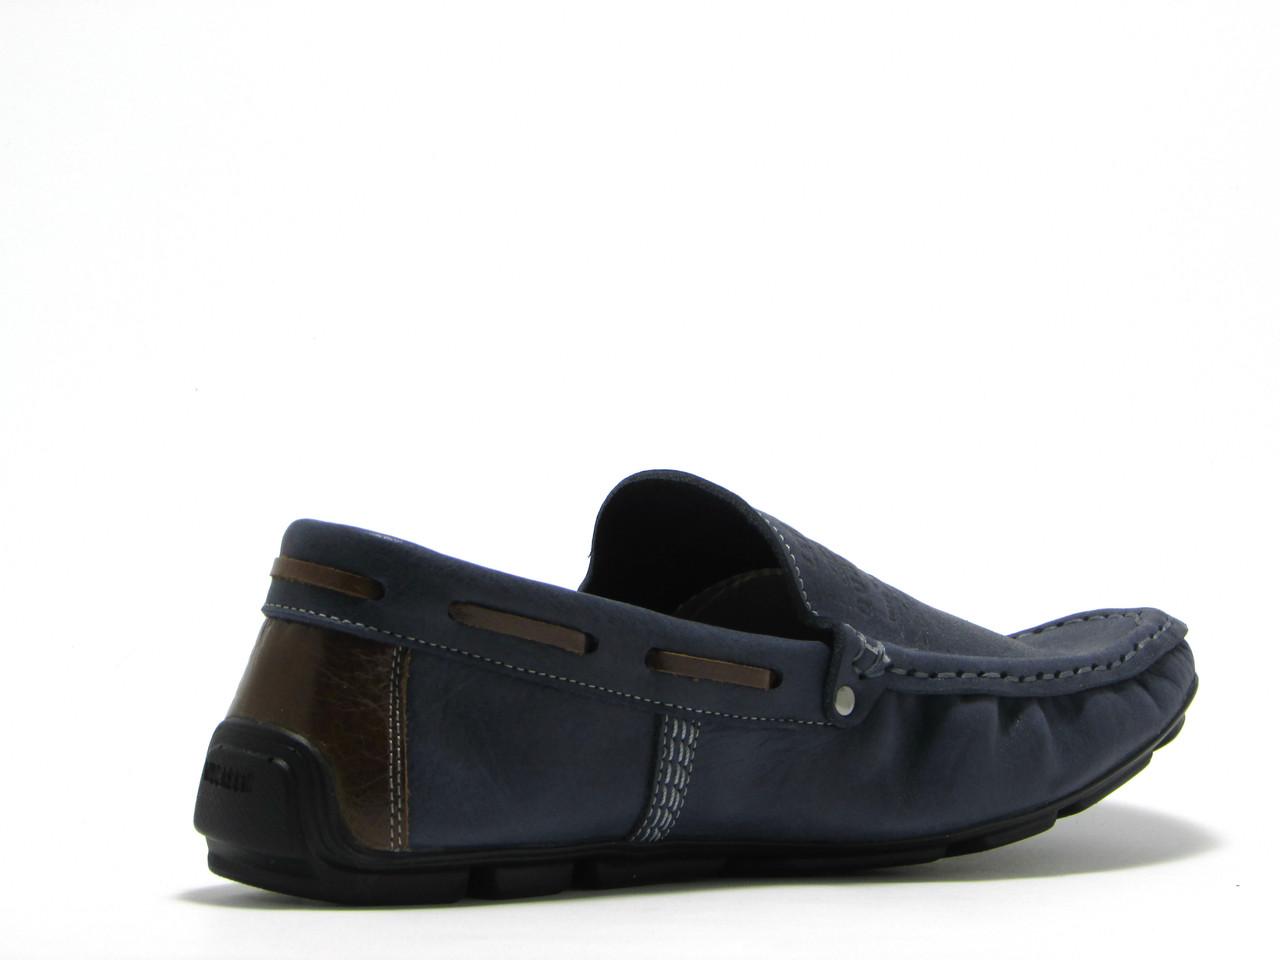 Ботинки левайс мужские купить